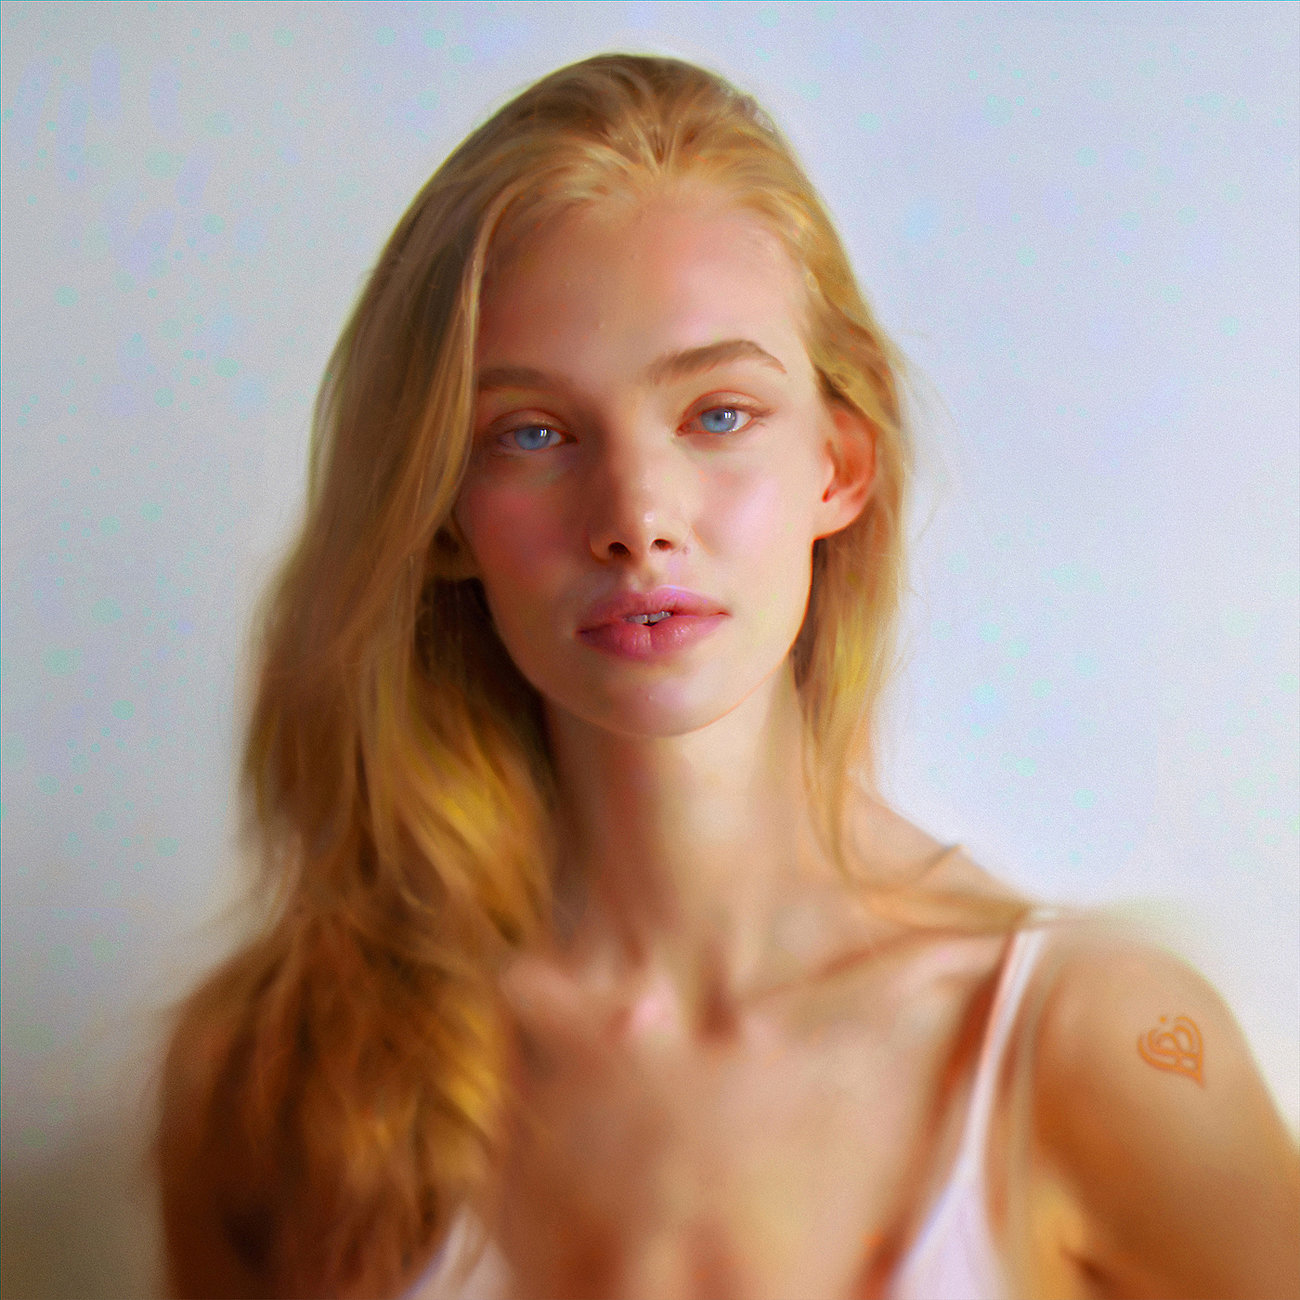 albino girls porno video